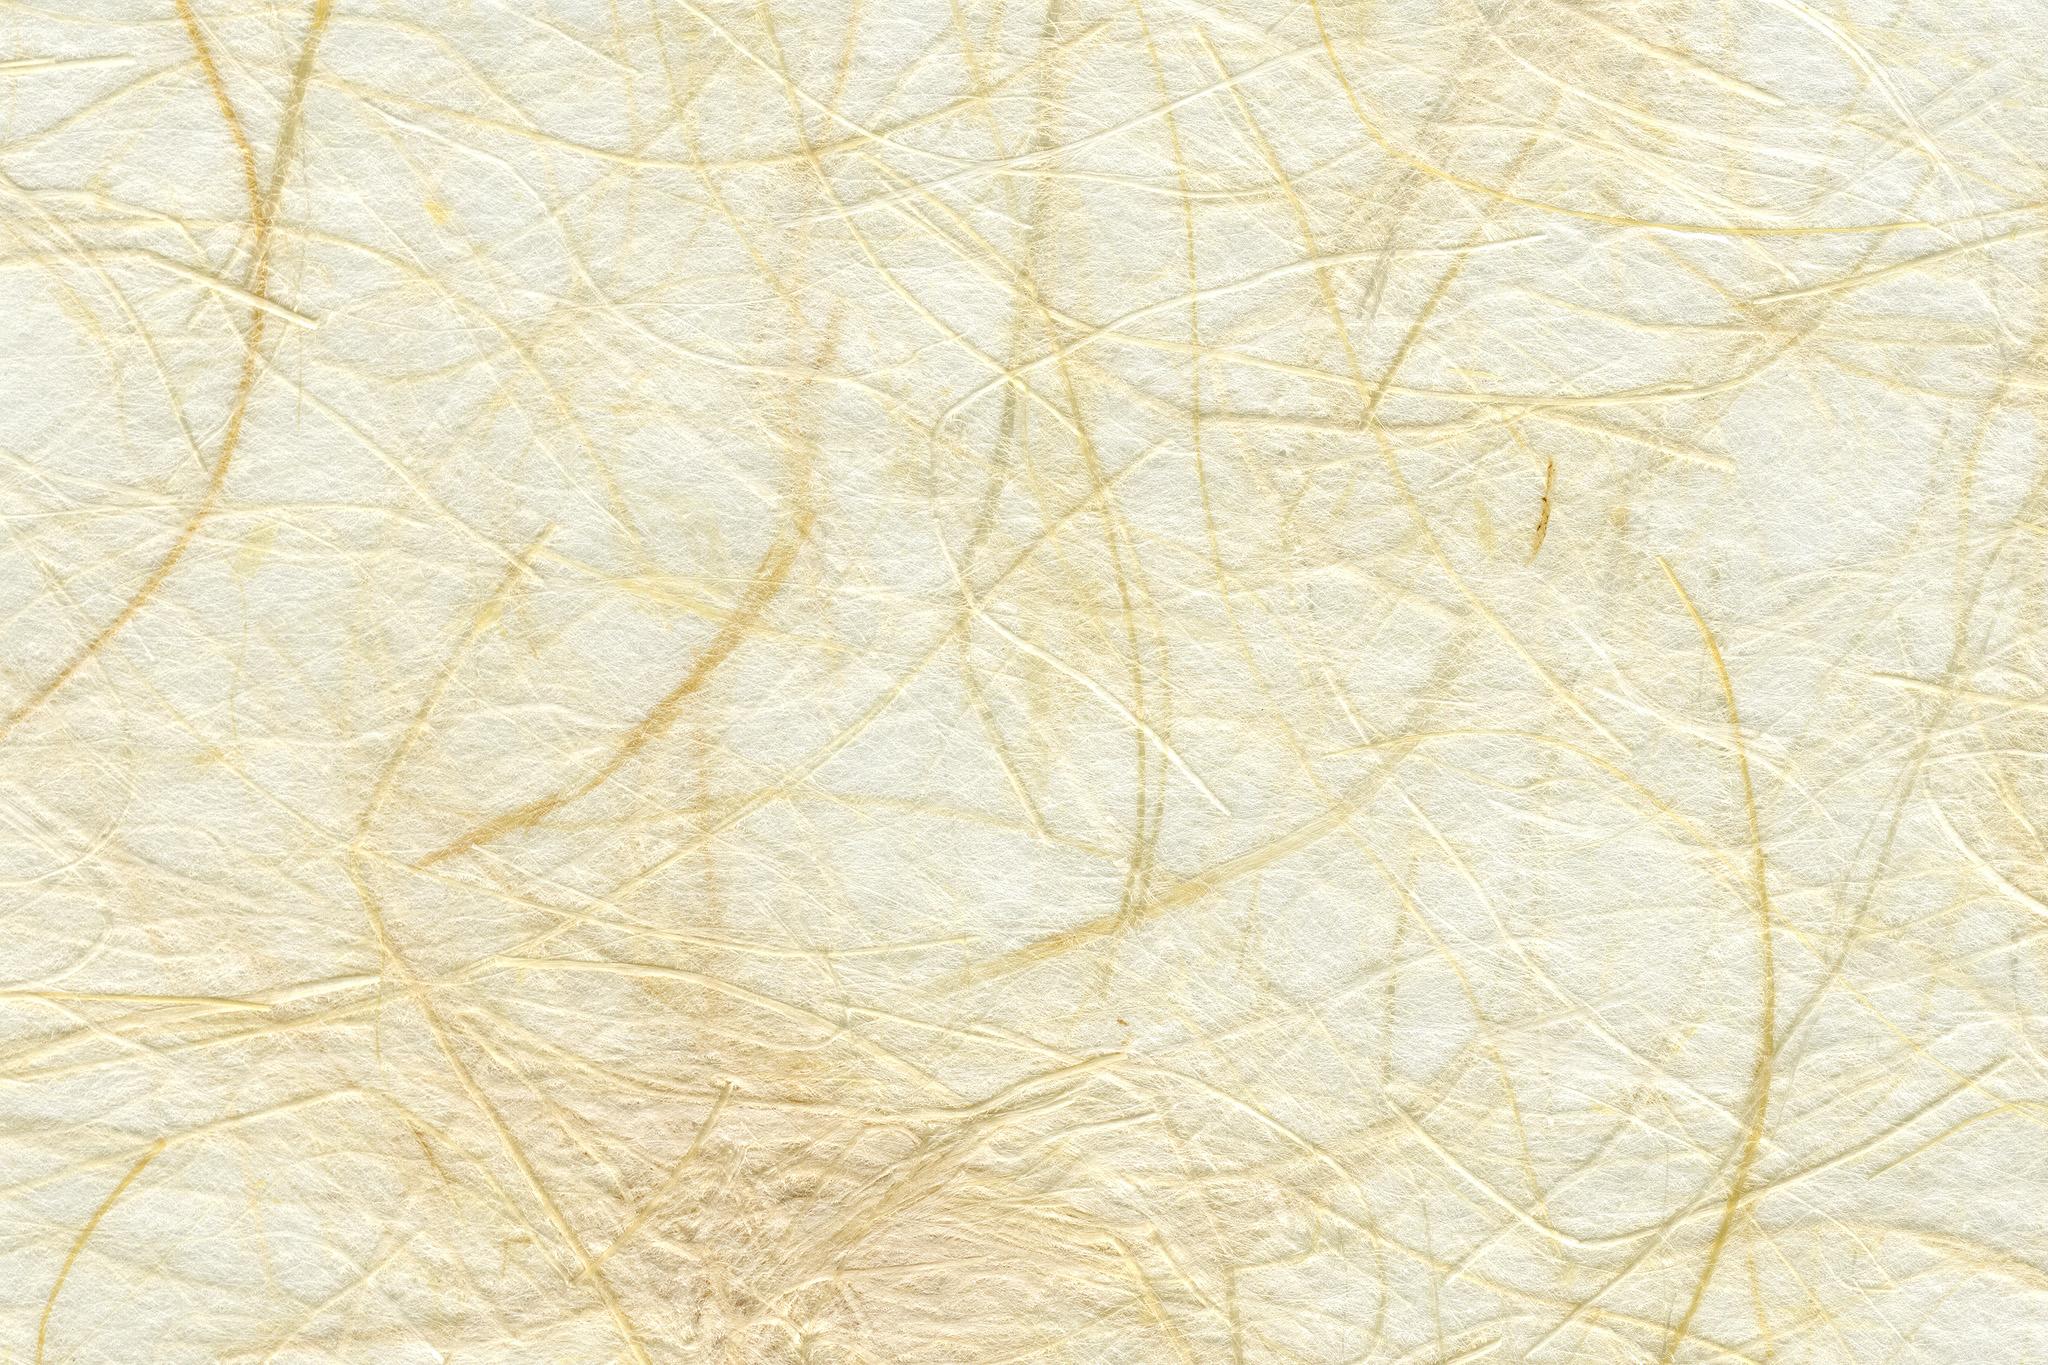 「長い楮の繊維が沢山入った白い和紙」の背景を無料ダウンロード